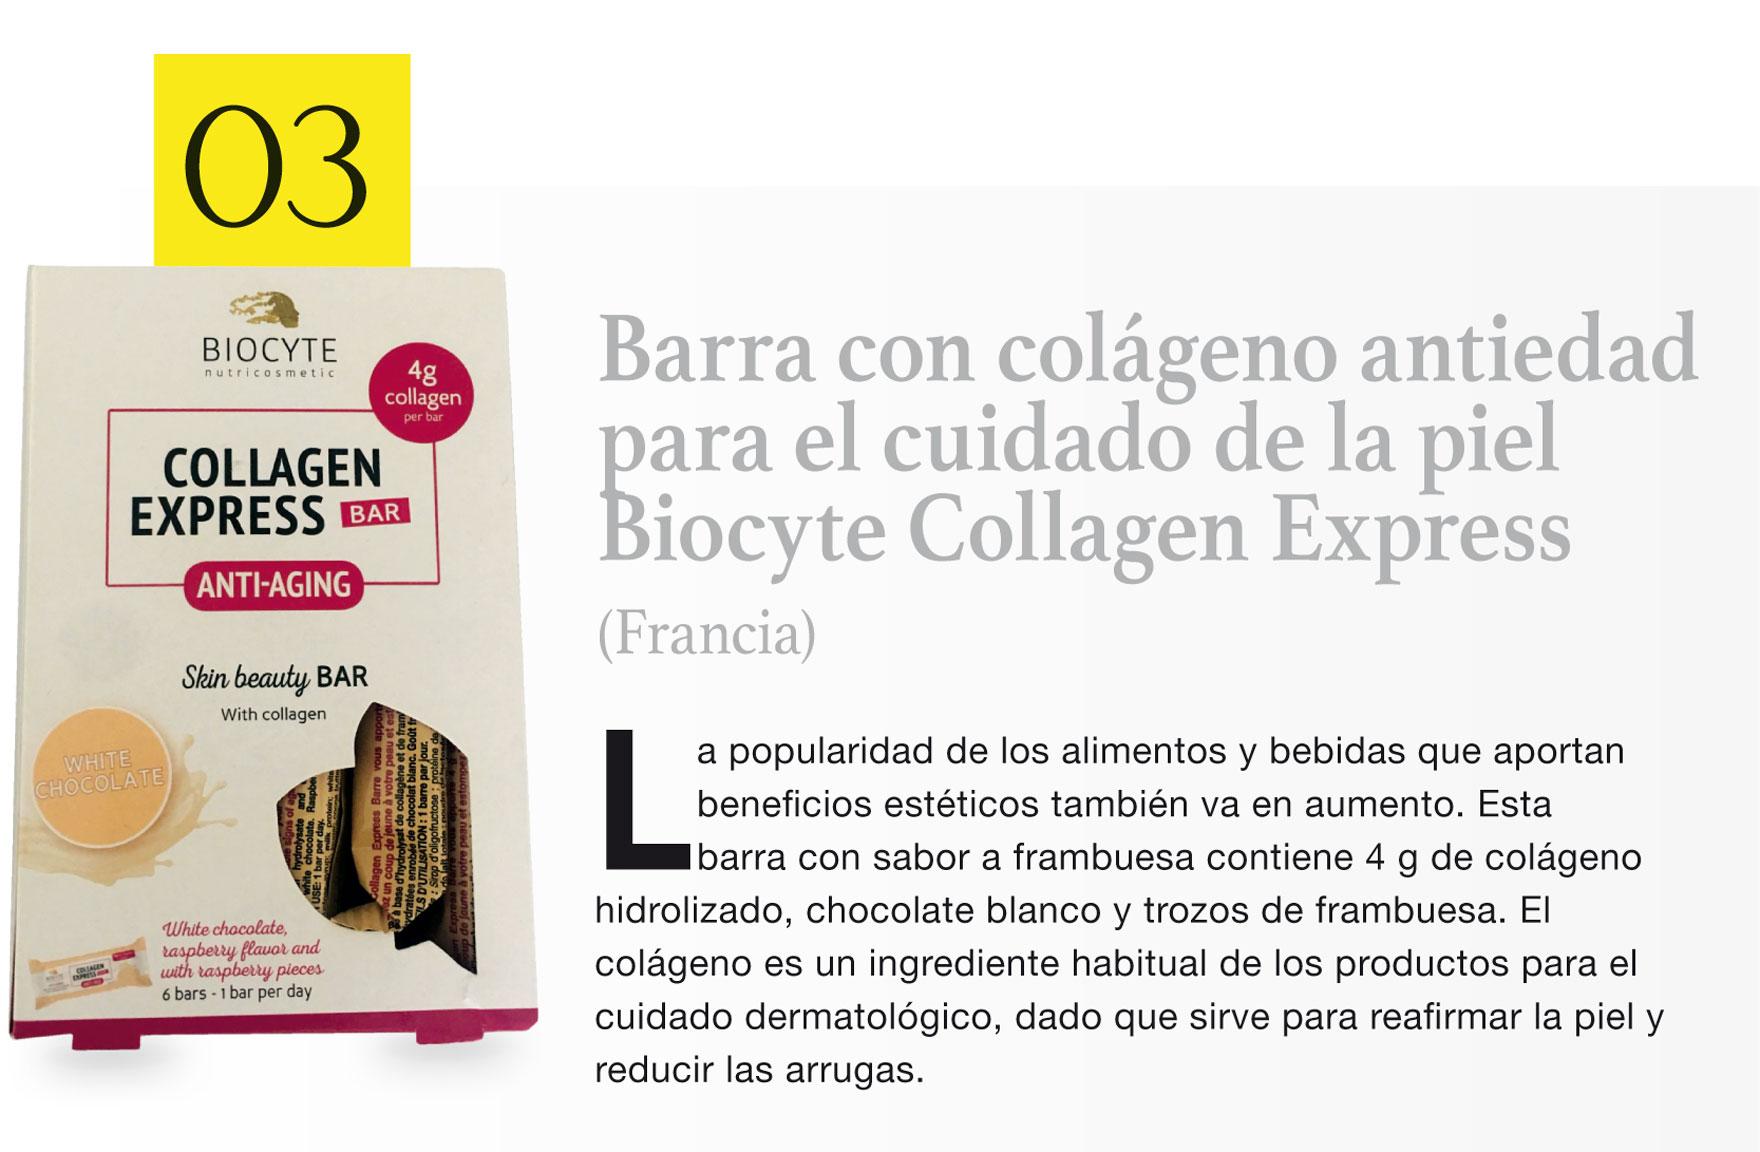 Barra con colágeno antiedad para el cuidado de la piel Biocyte Collagen Express (Francia)